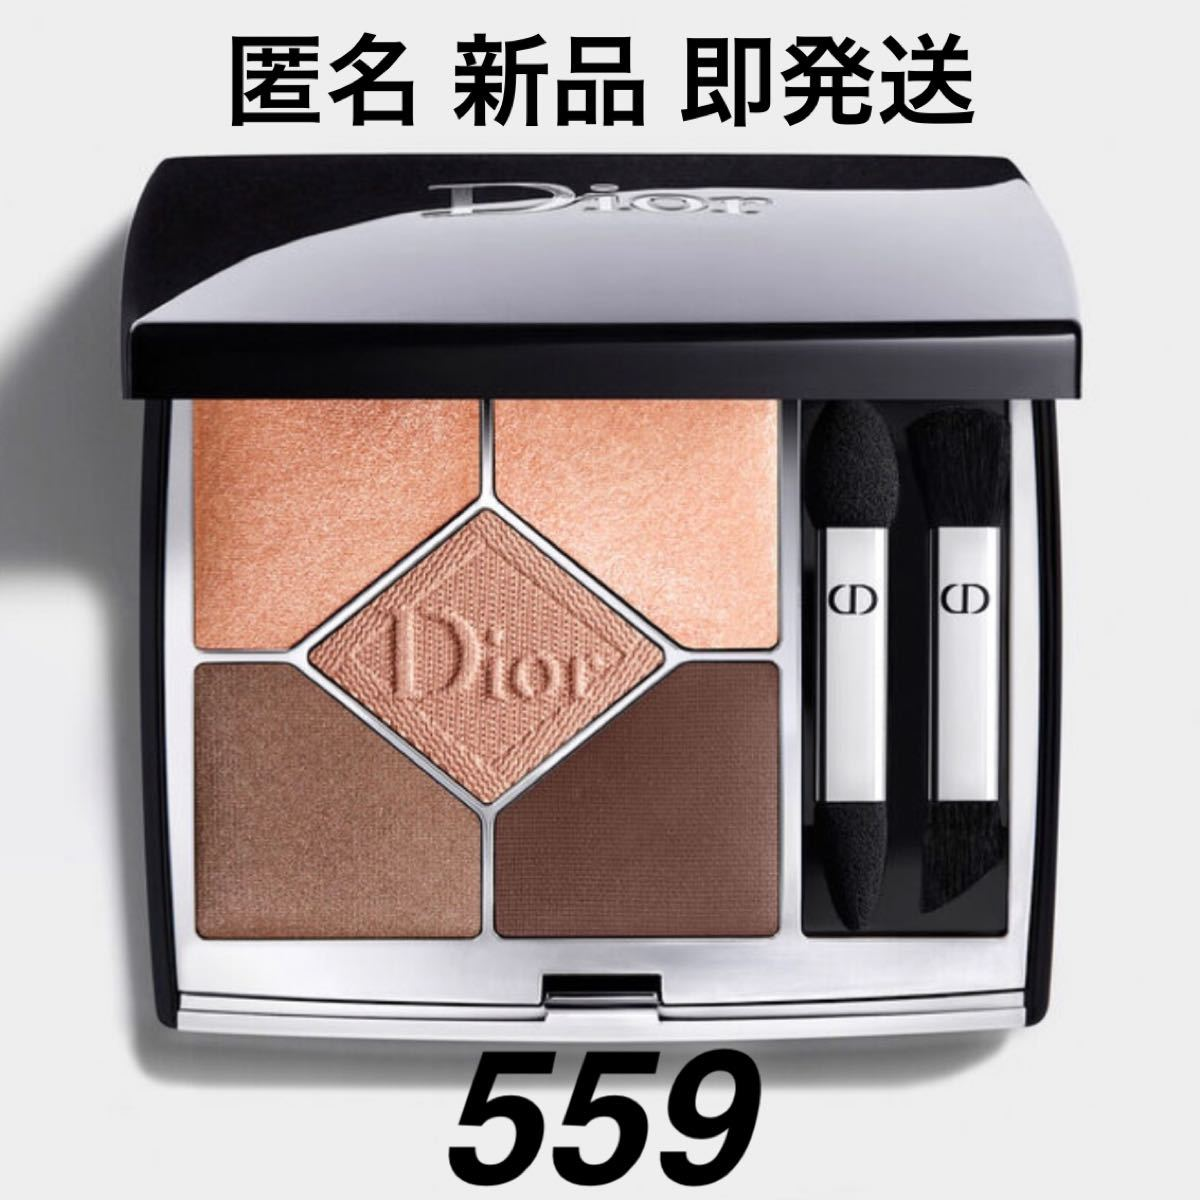 dior 559 ポンチョ サンククルール アイシャドウ